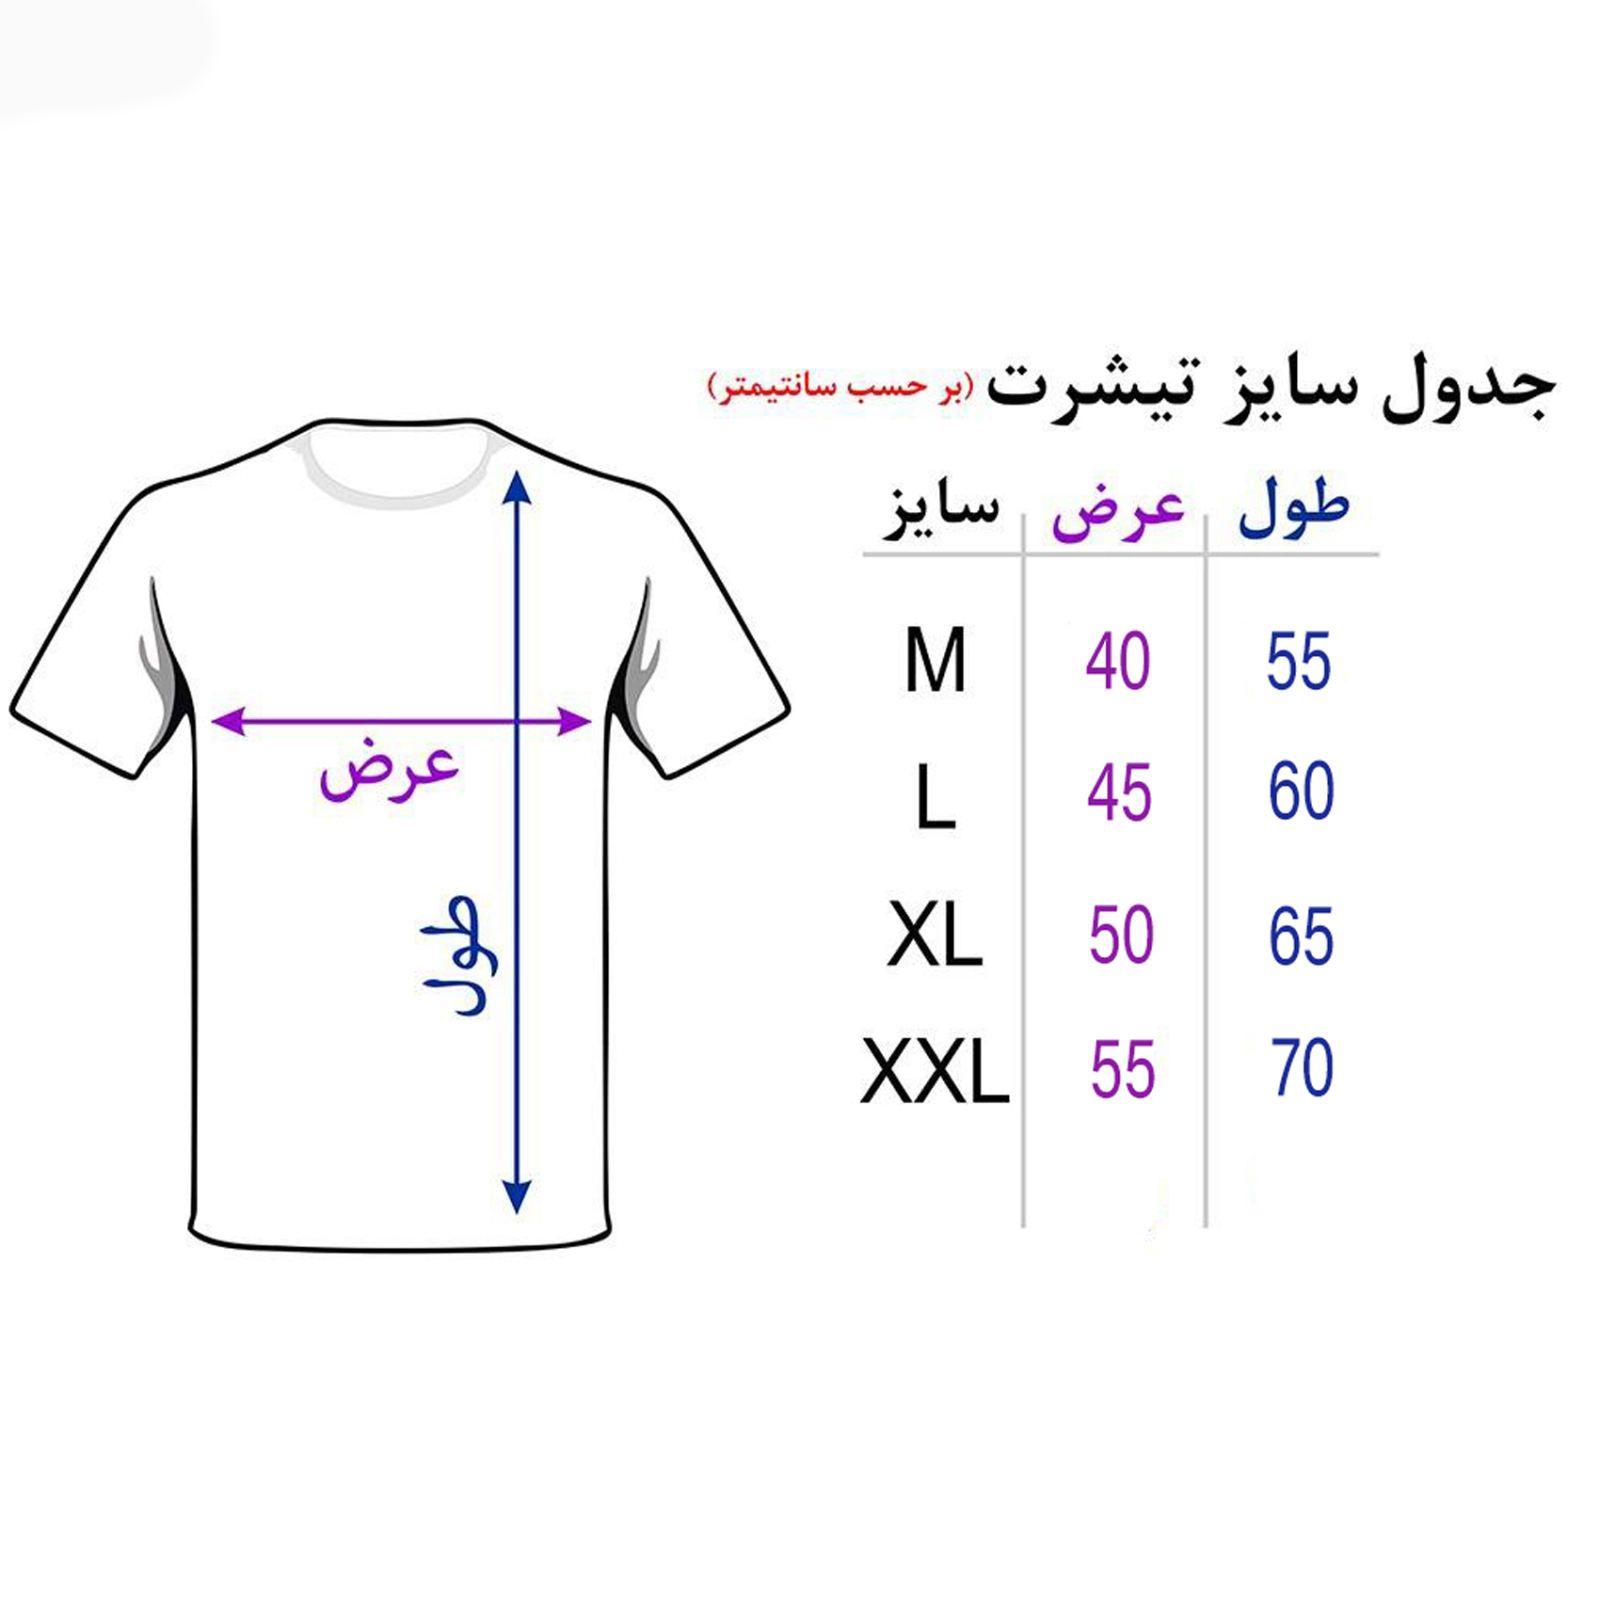 تی شرت زنانه 27 کد K03 رنگ مشکی -  - 4